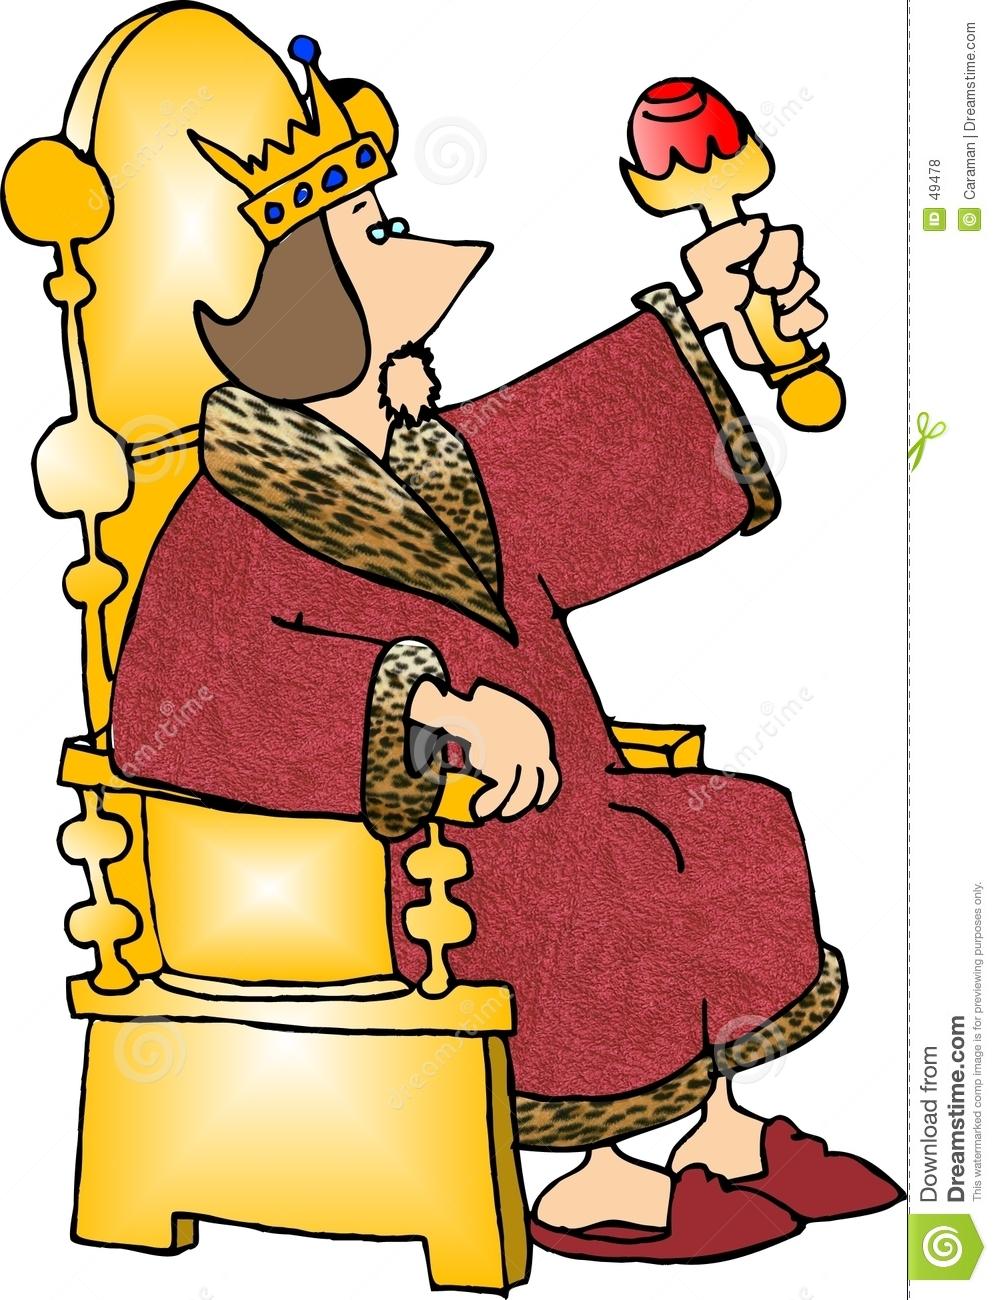 throne-clipart-king-hi...